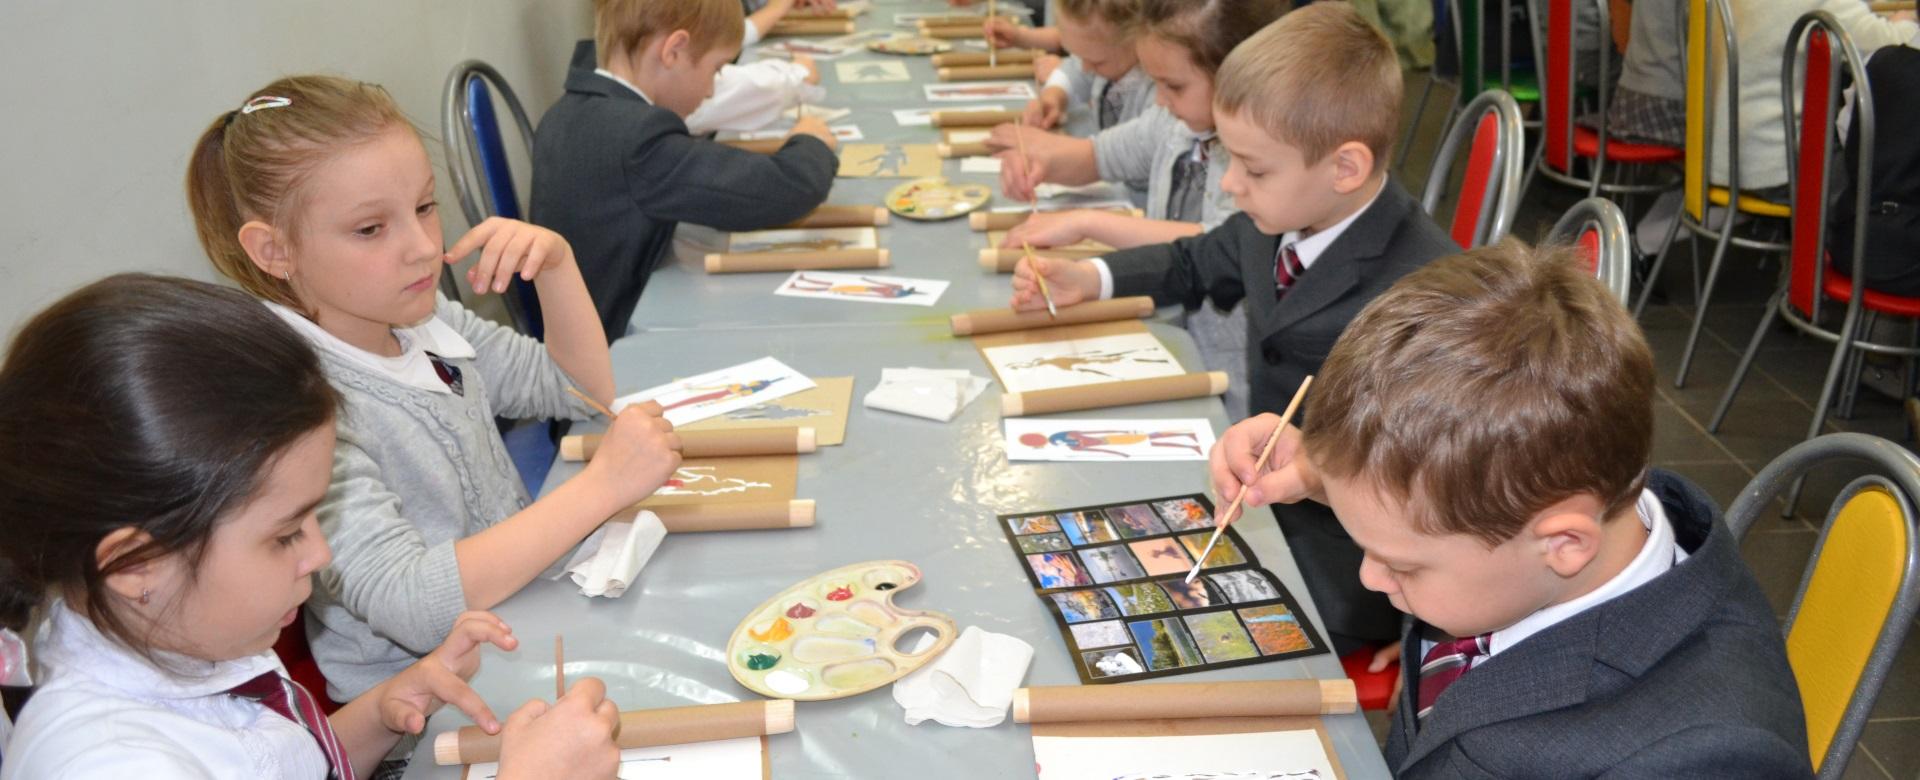 Тематические музейные занятия для школьников и студентов